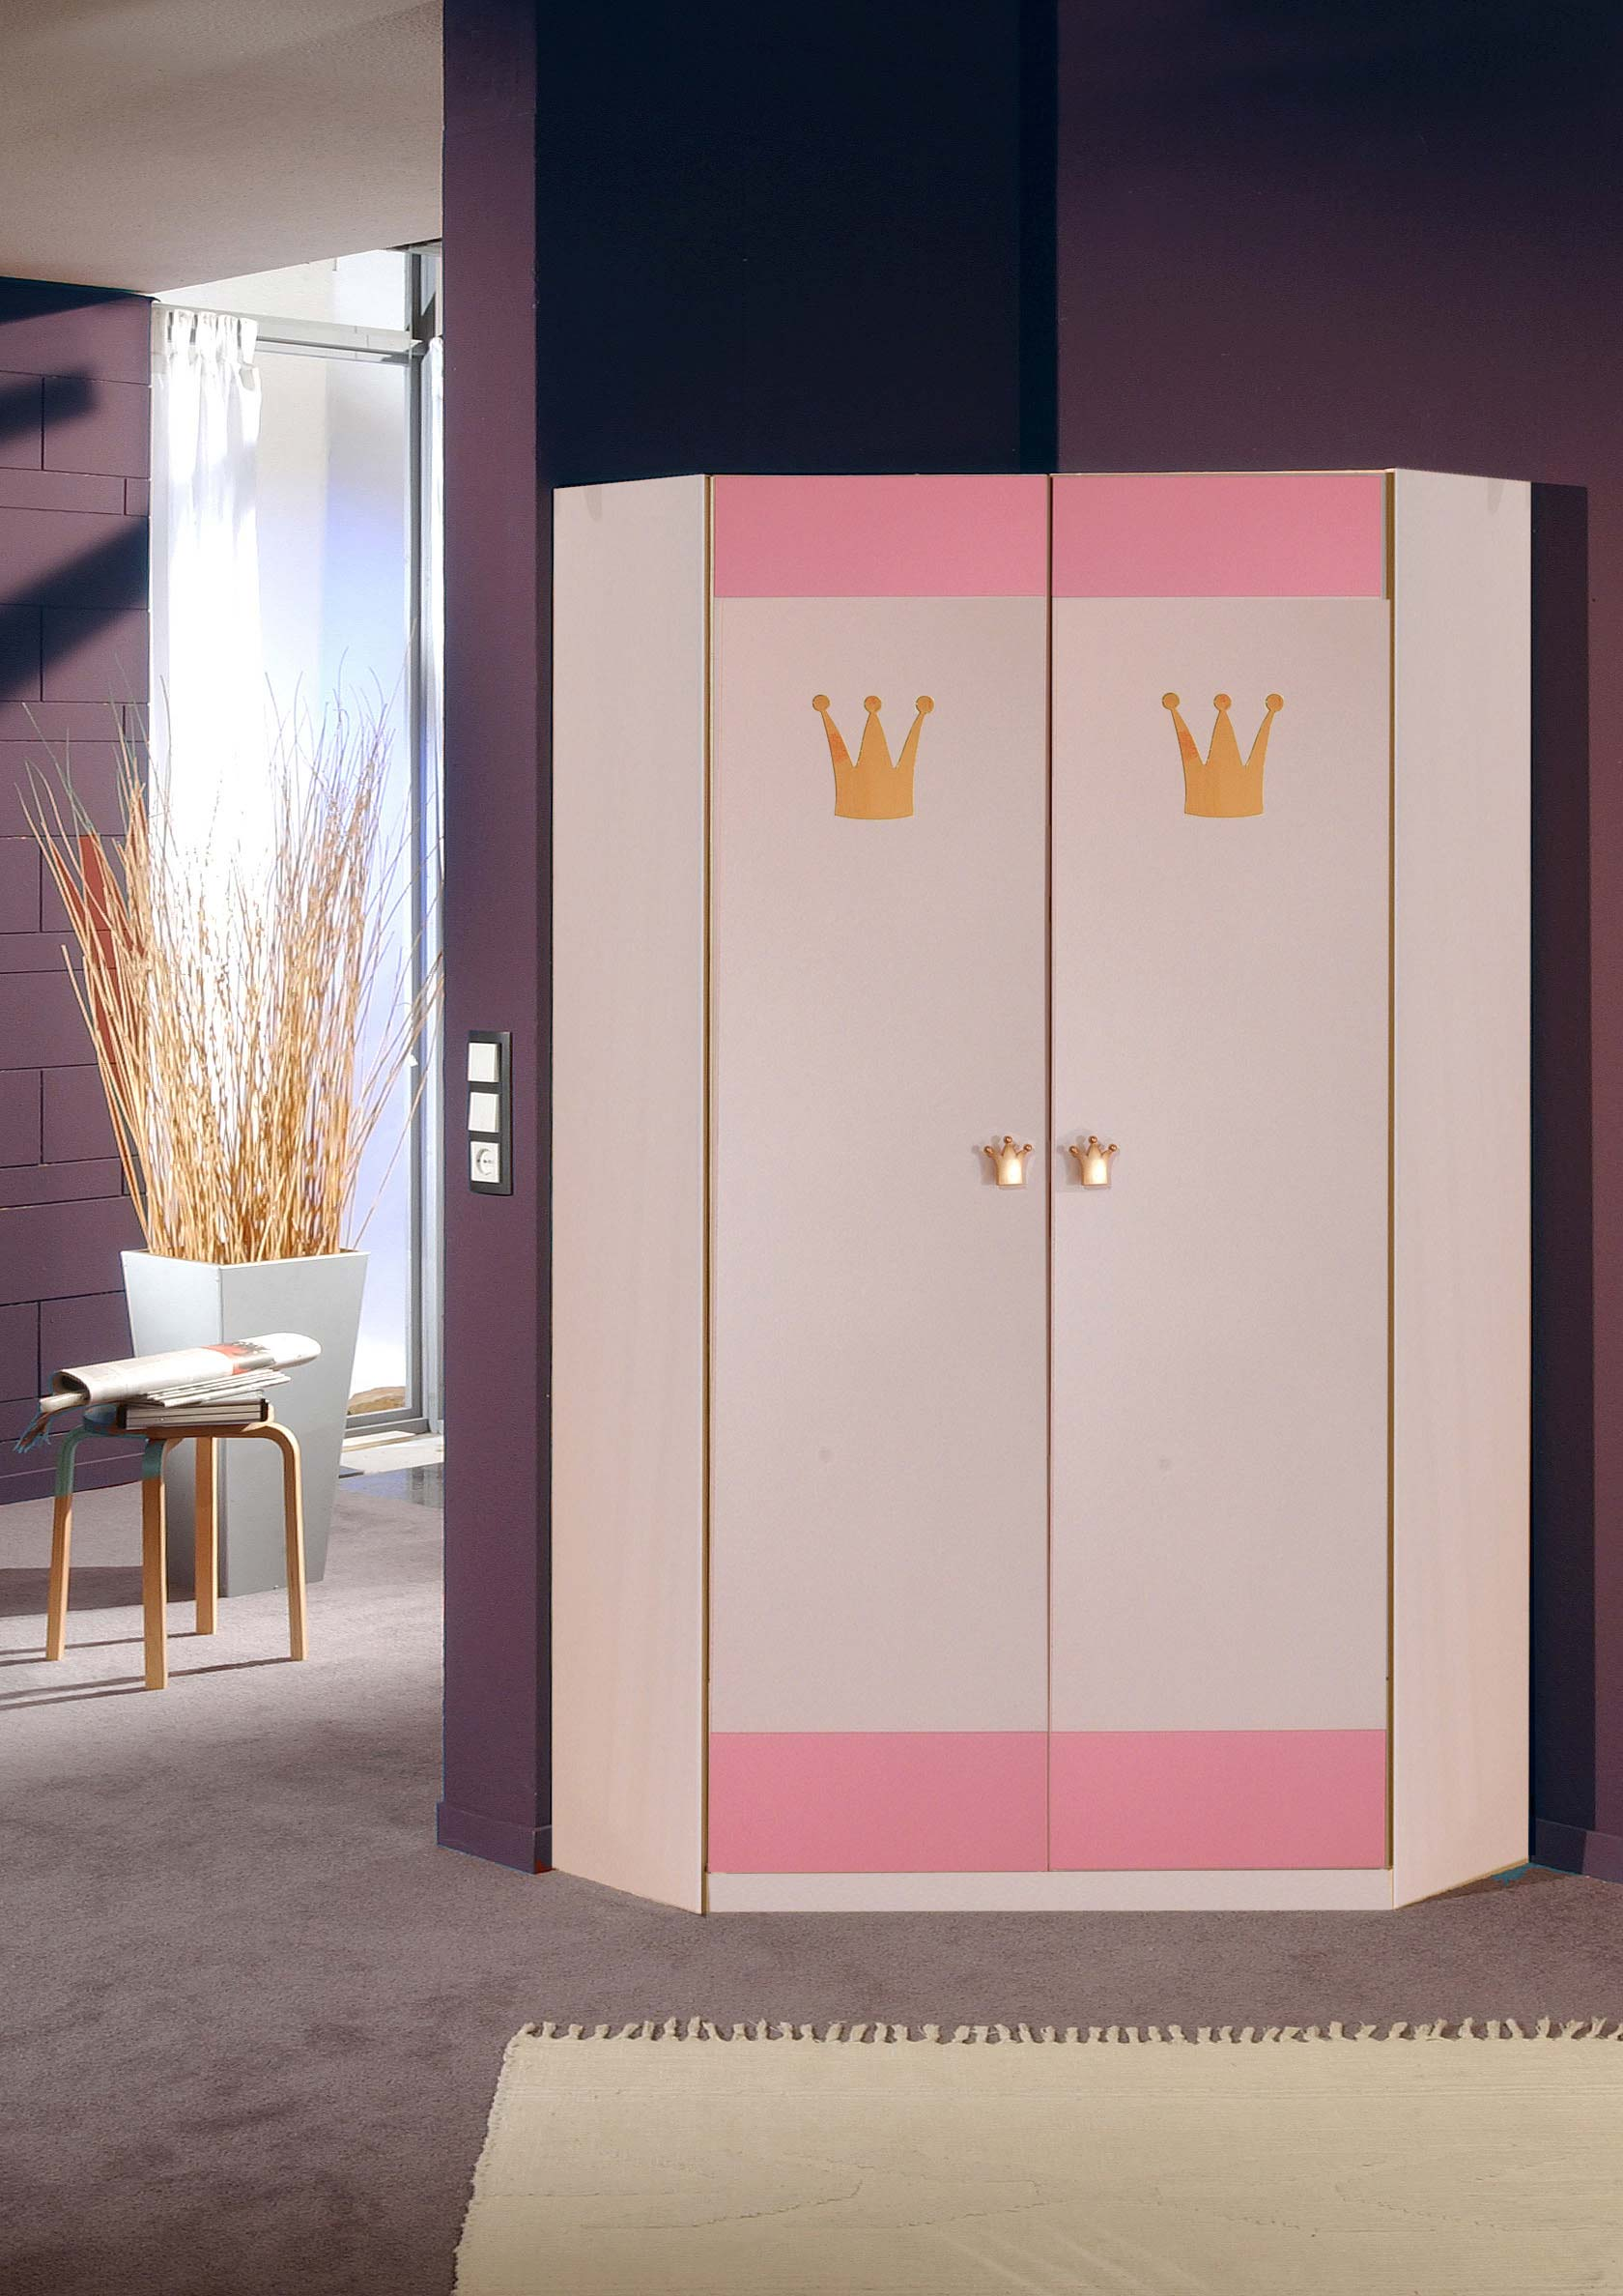 Full Size of Kinderzimmer Eckschrank 59ce7cf2083c8 Küche Regal Bad Regale Sofa Weiß Schlafzimmer Wohnzimmer Kinderzimmer Eckschrank